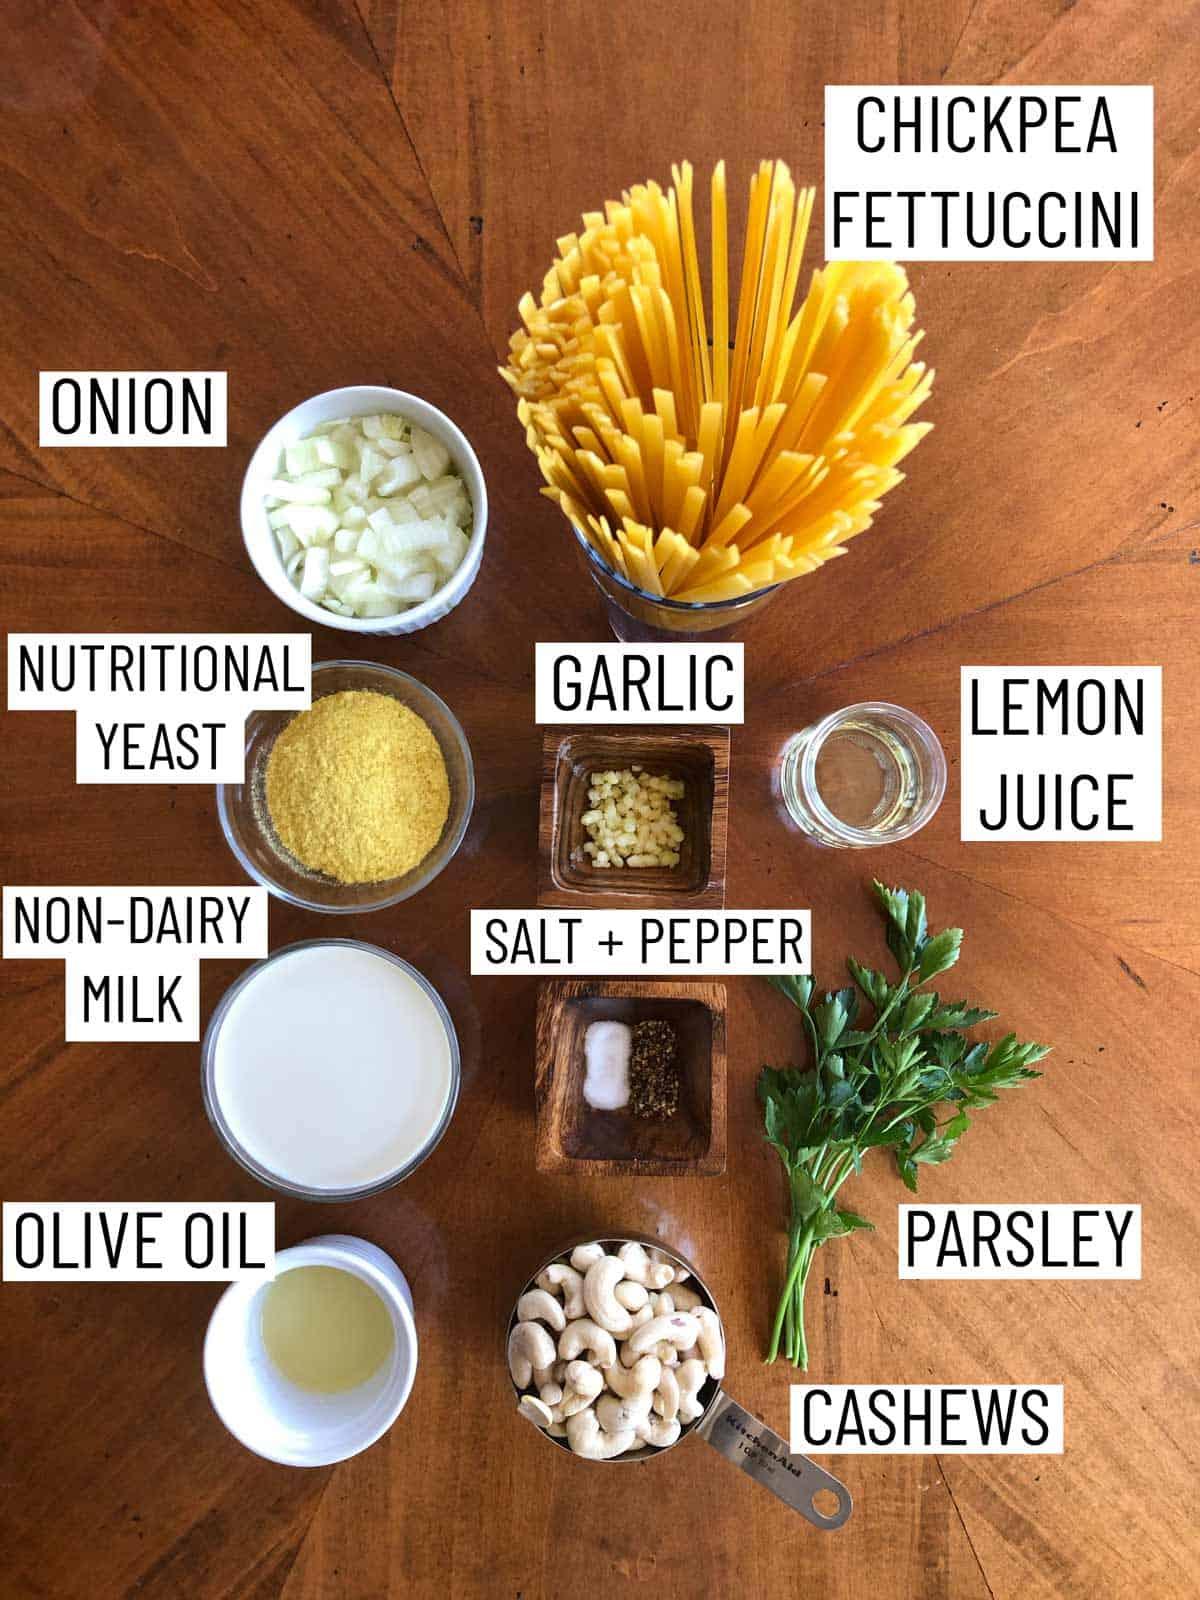 Ingredients needed to make vegan fettuccini.